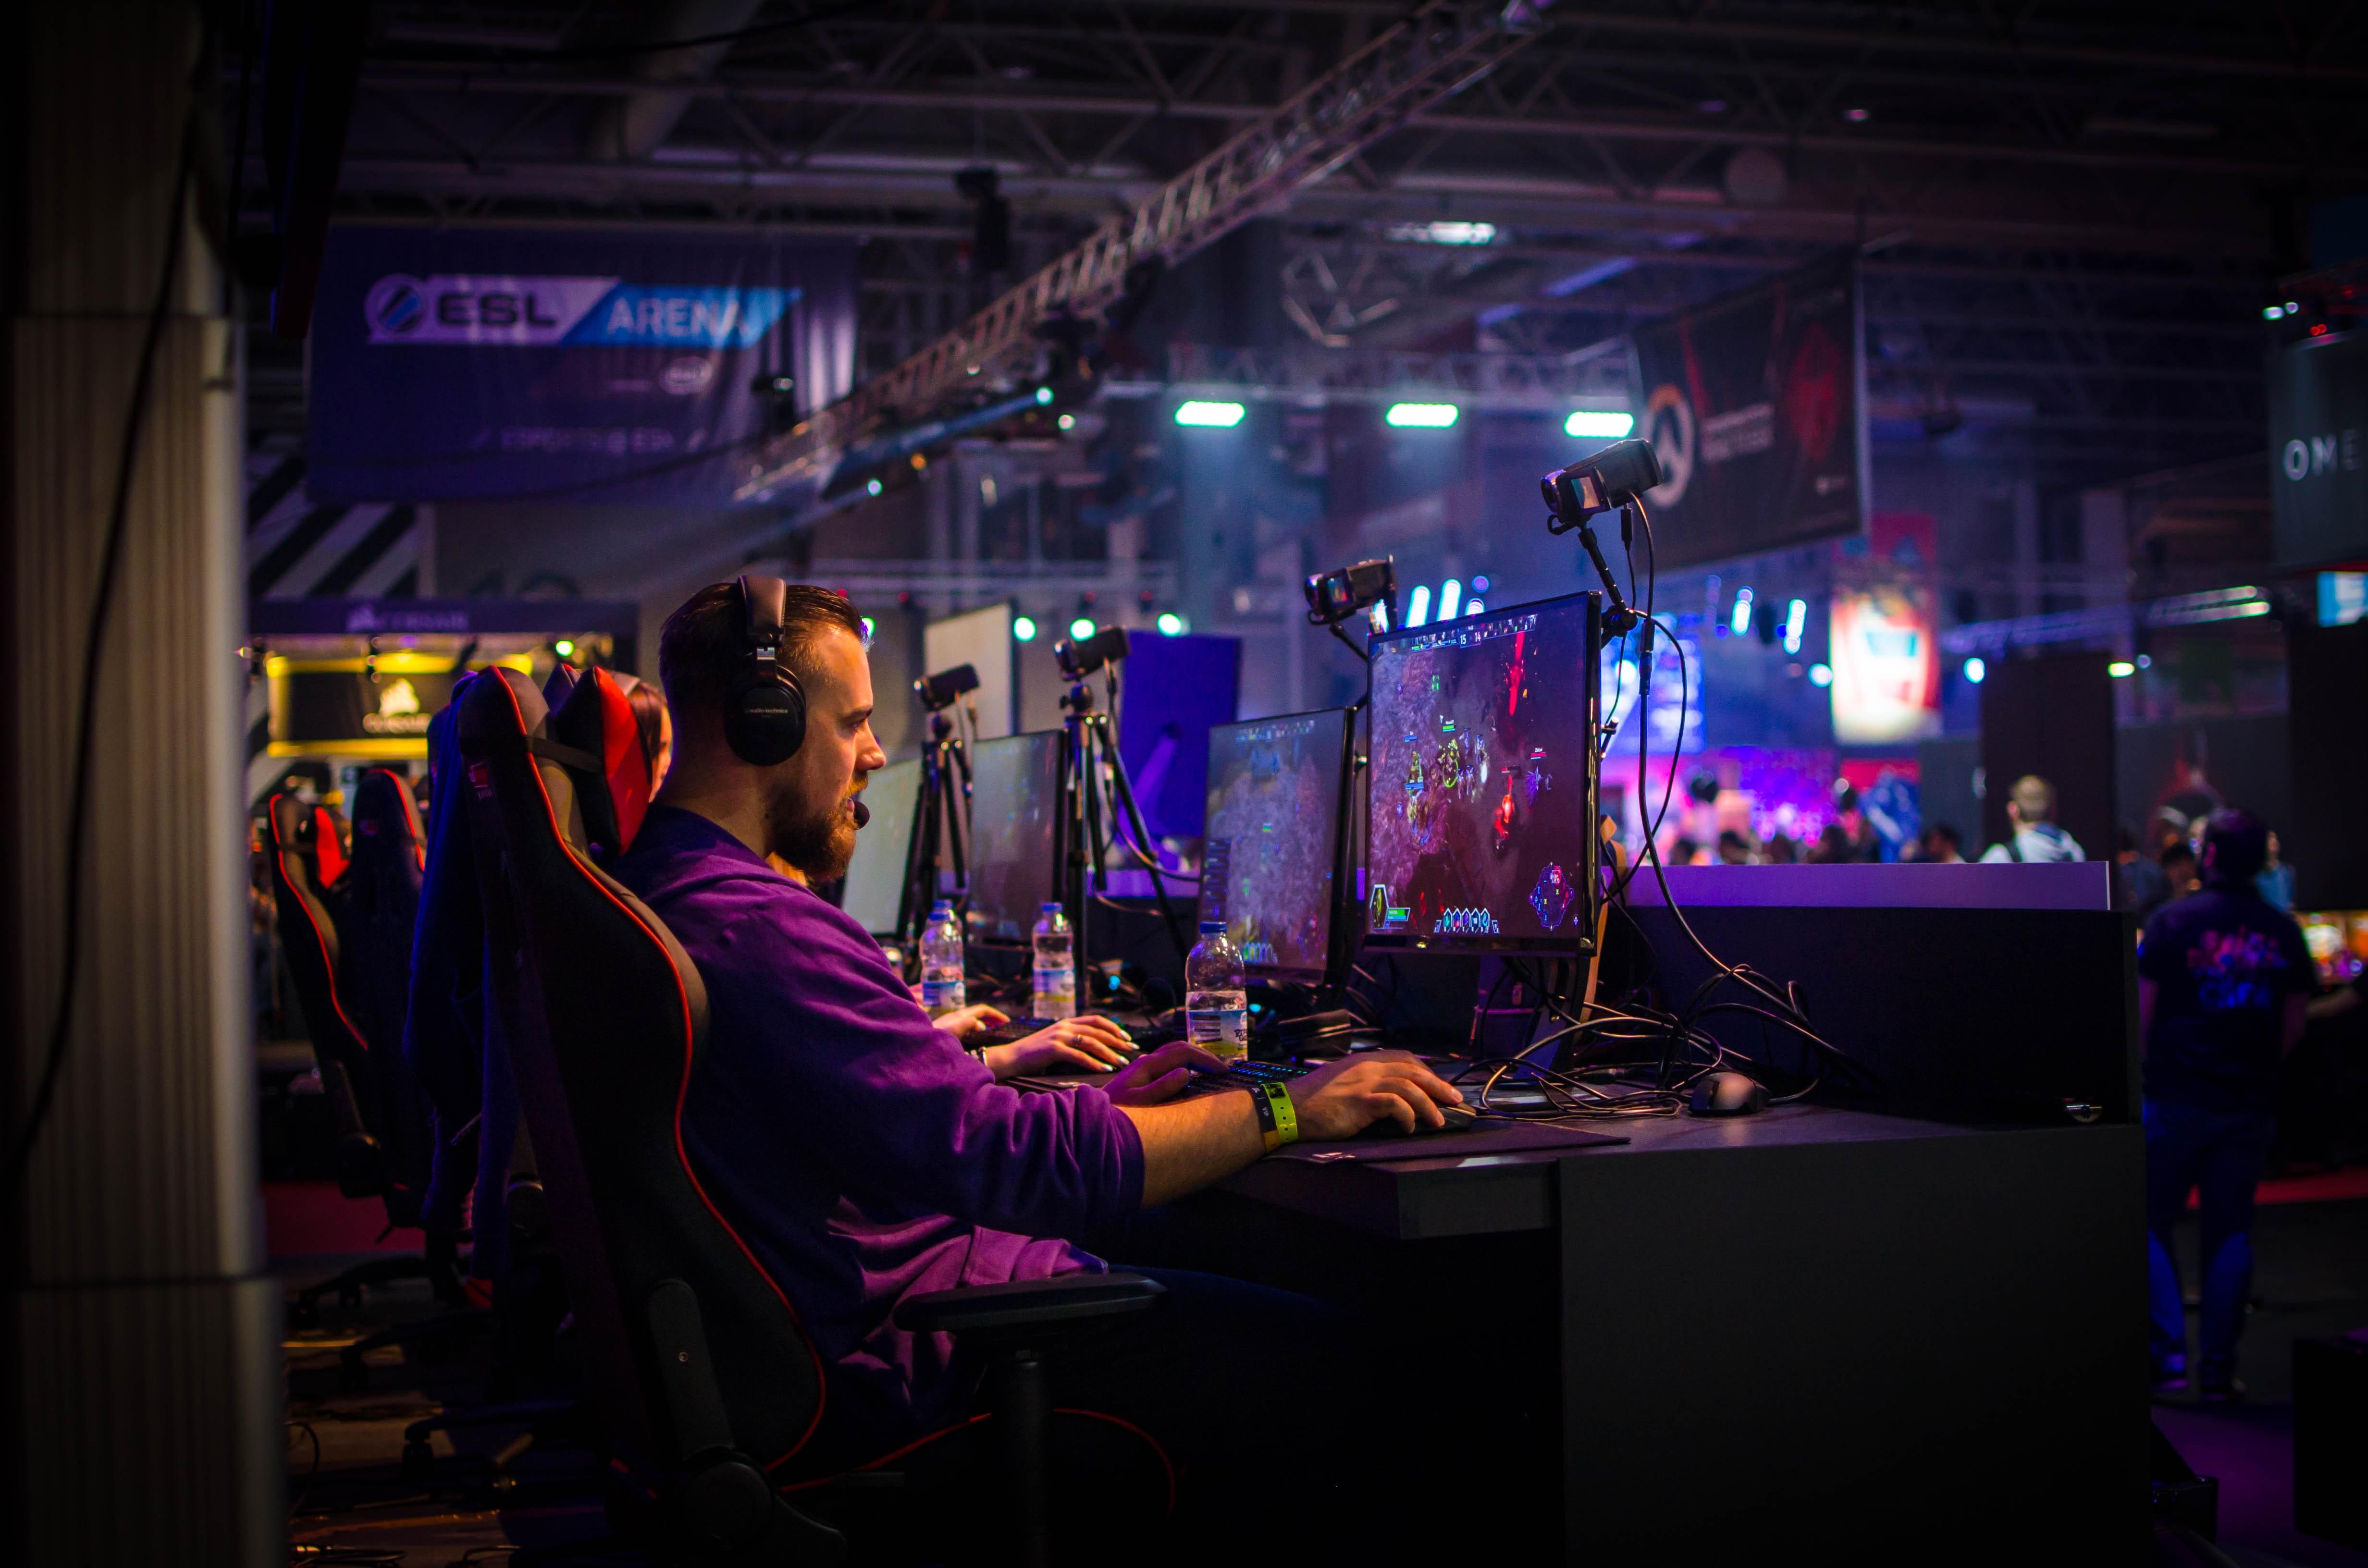 Markedet for e-sport vokser fortere i Norge enn i Europa for øvrig